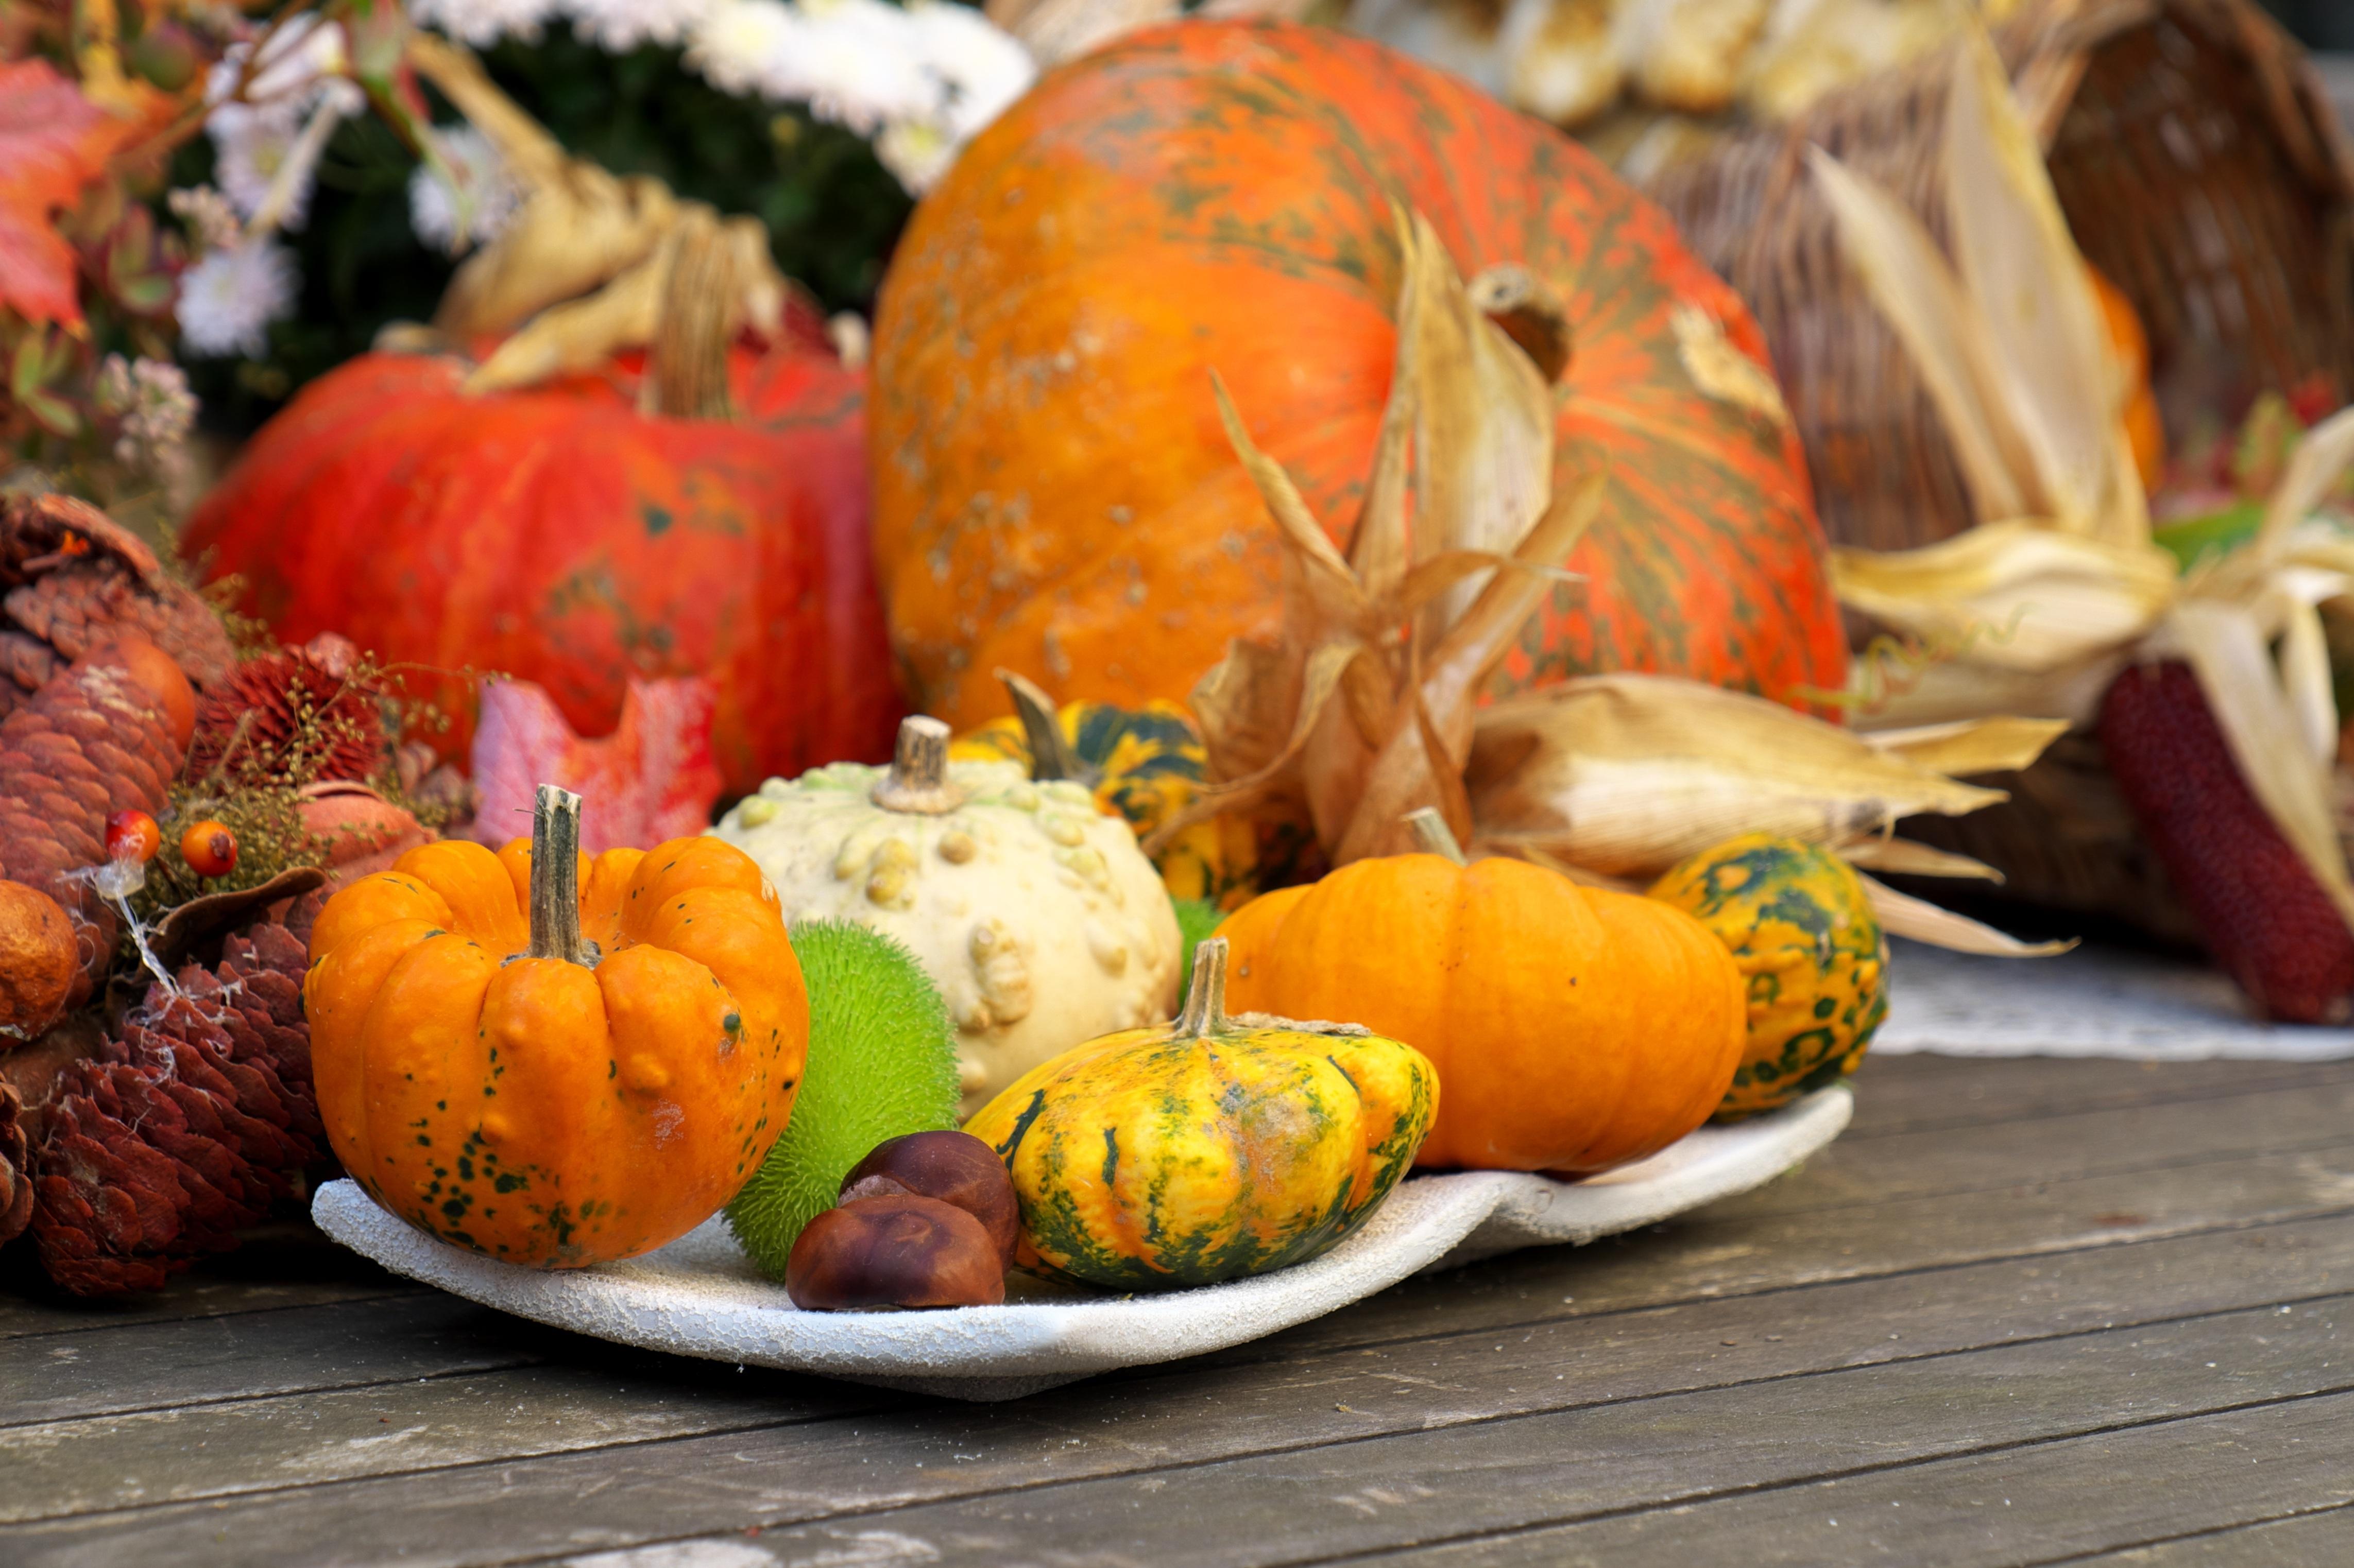 Herbstzeit ist Kürbiszeit: Wissenswertes, Tipps und Rezepte rund um die vielseitige Superfrucht!